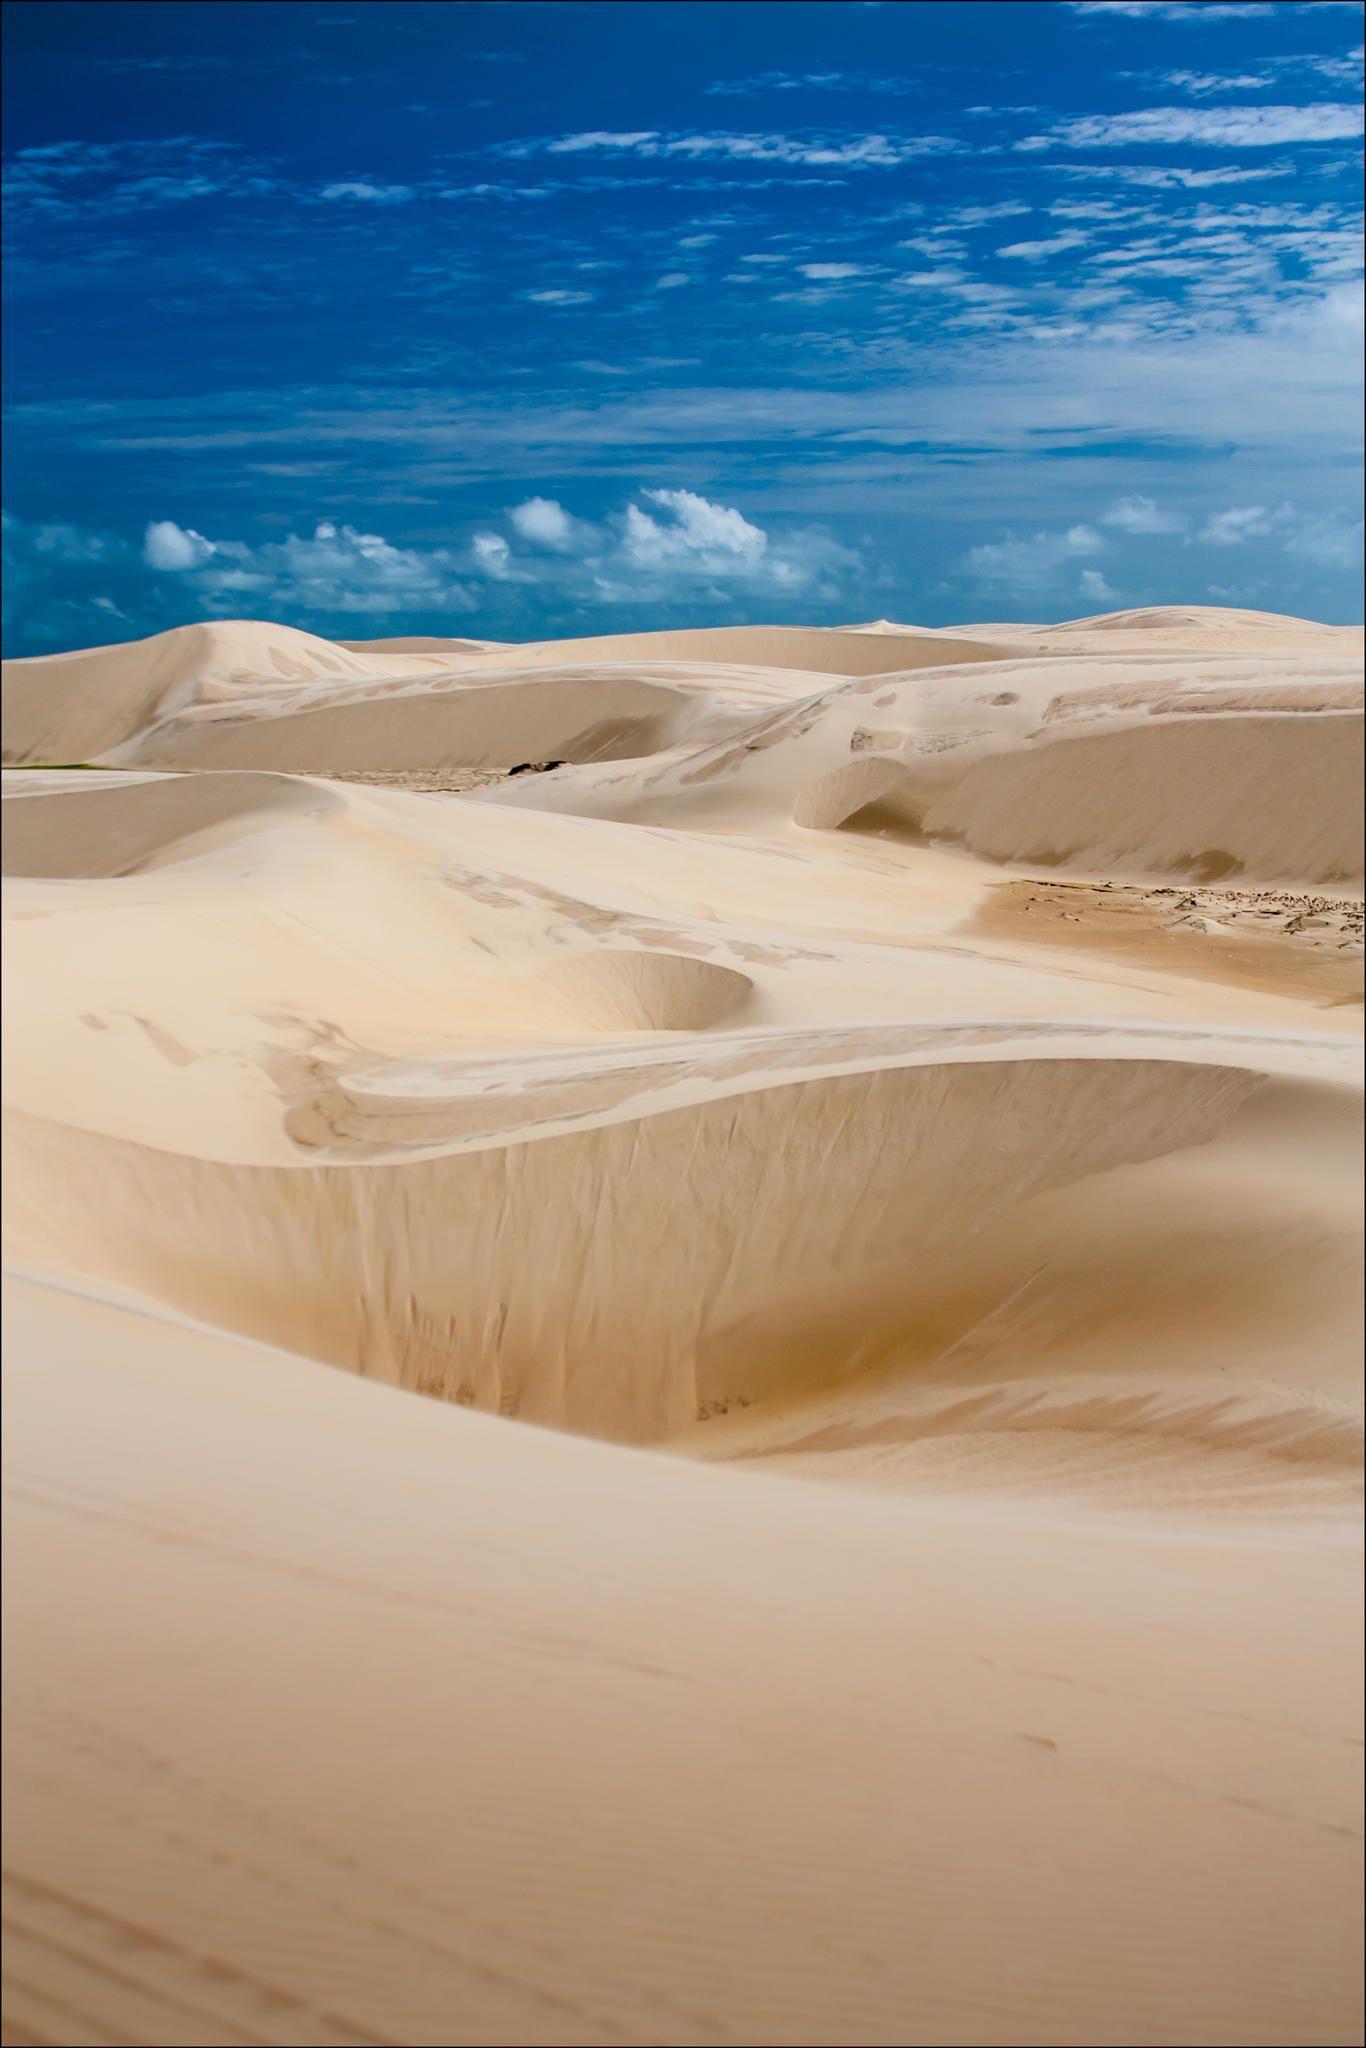 Sandy Landscape - Lencois Maranhenses, Maranhao, Brazil